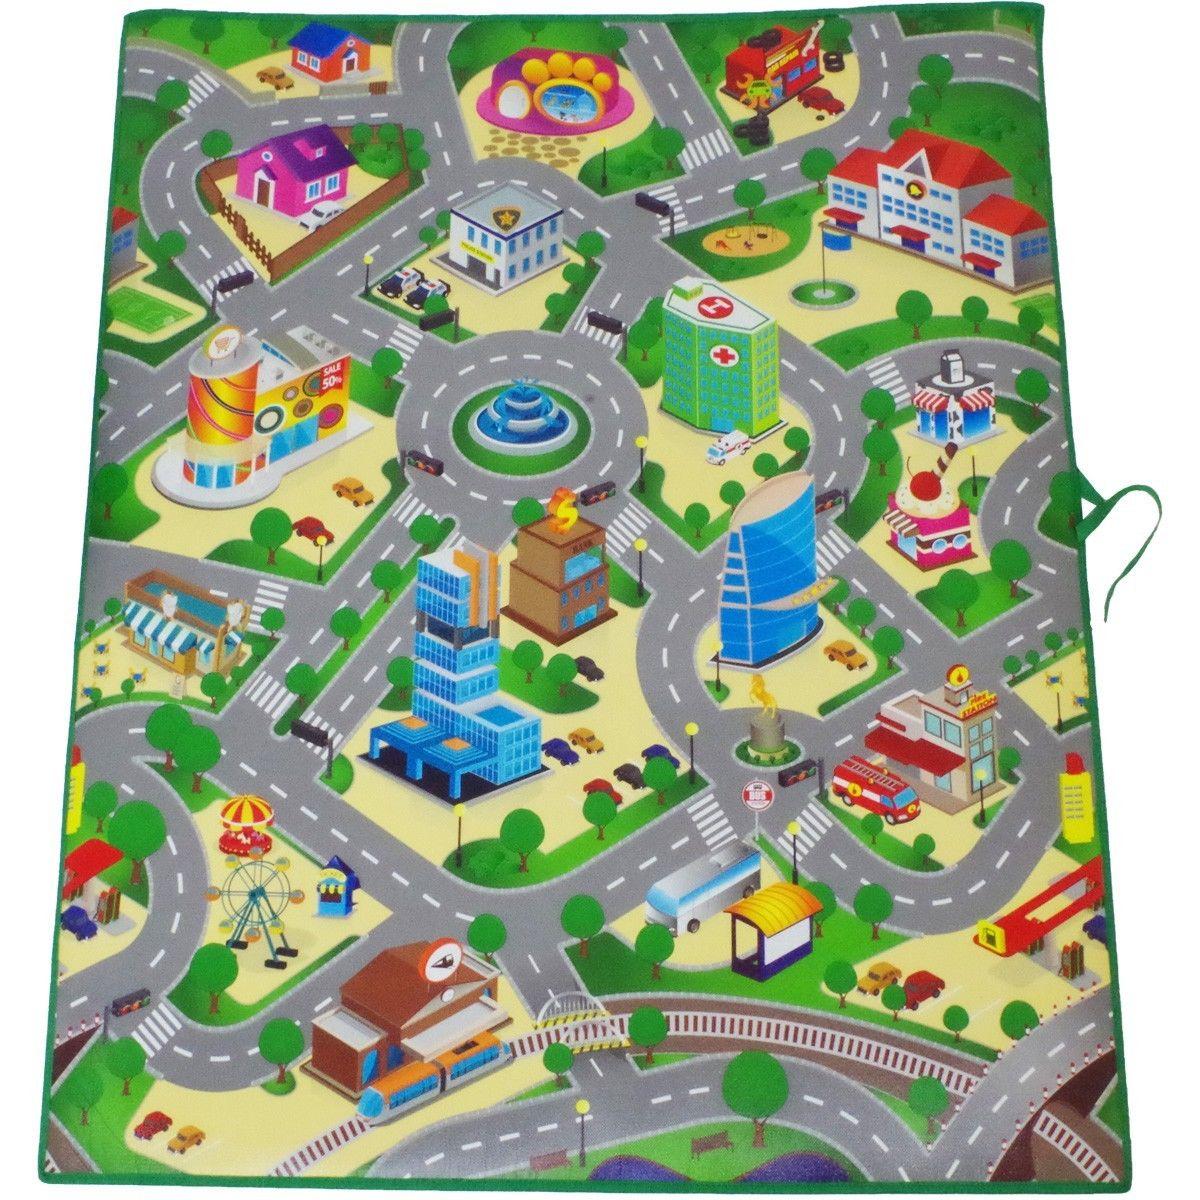 Eddy Toys Giant Kids Playmat With City Streets Eva Foam